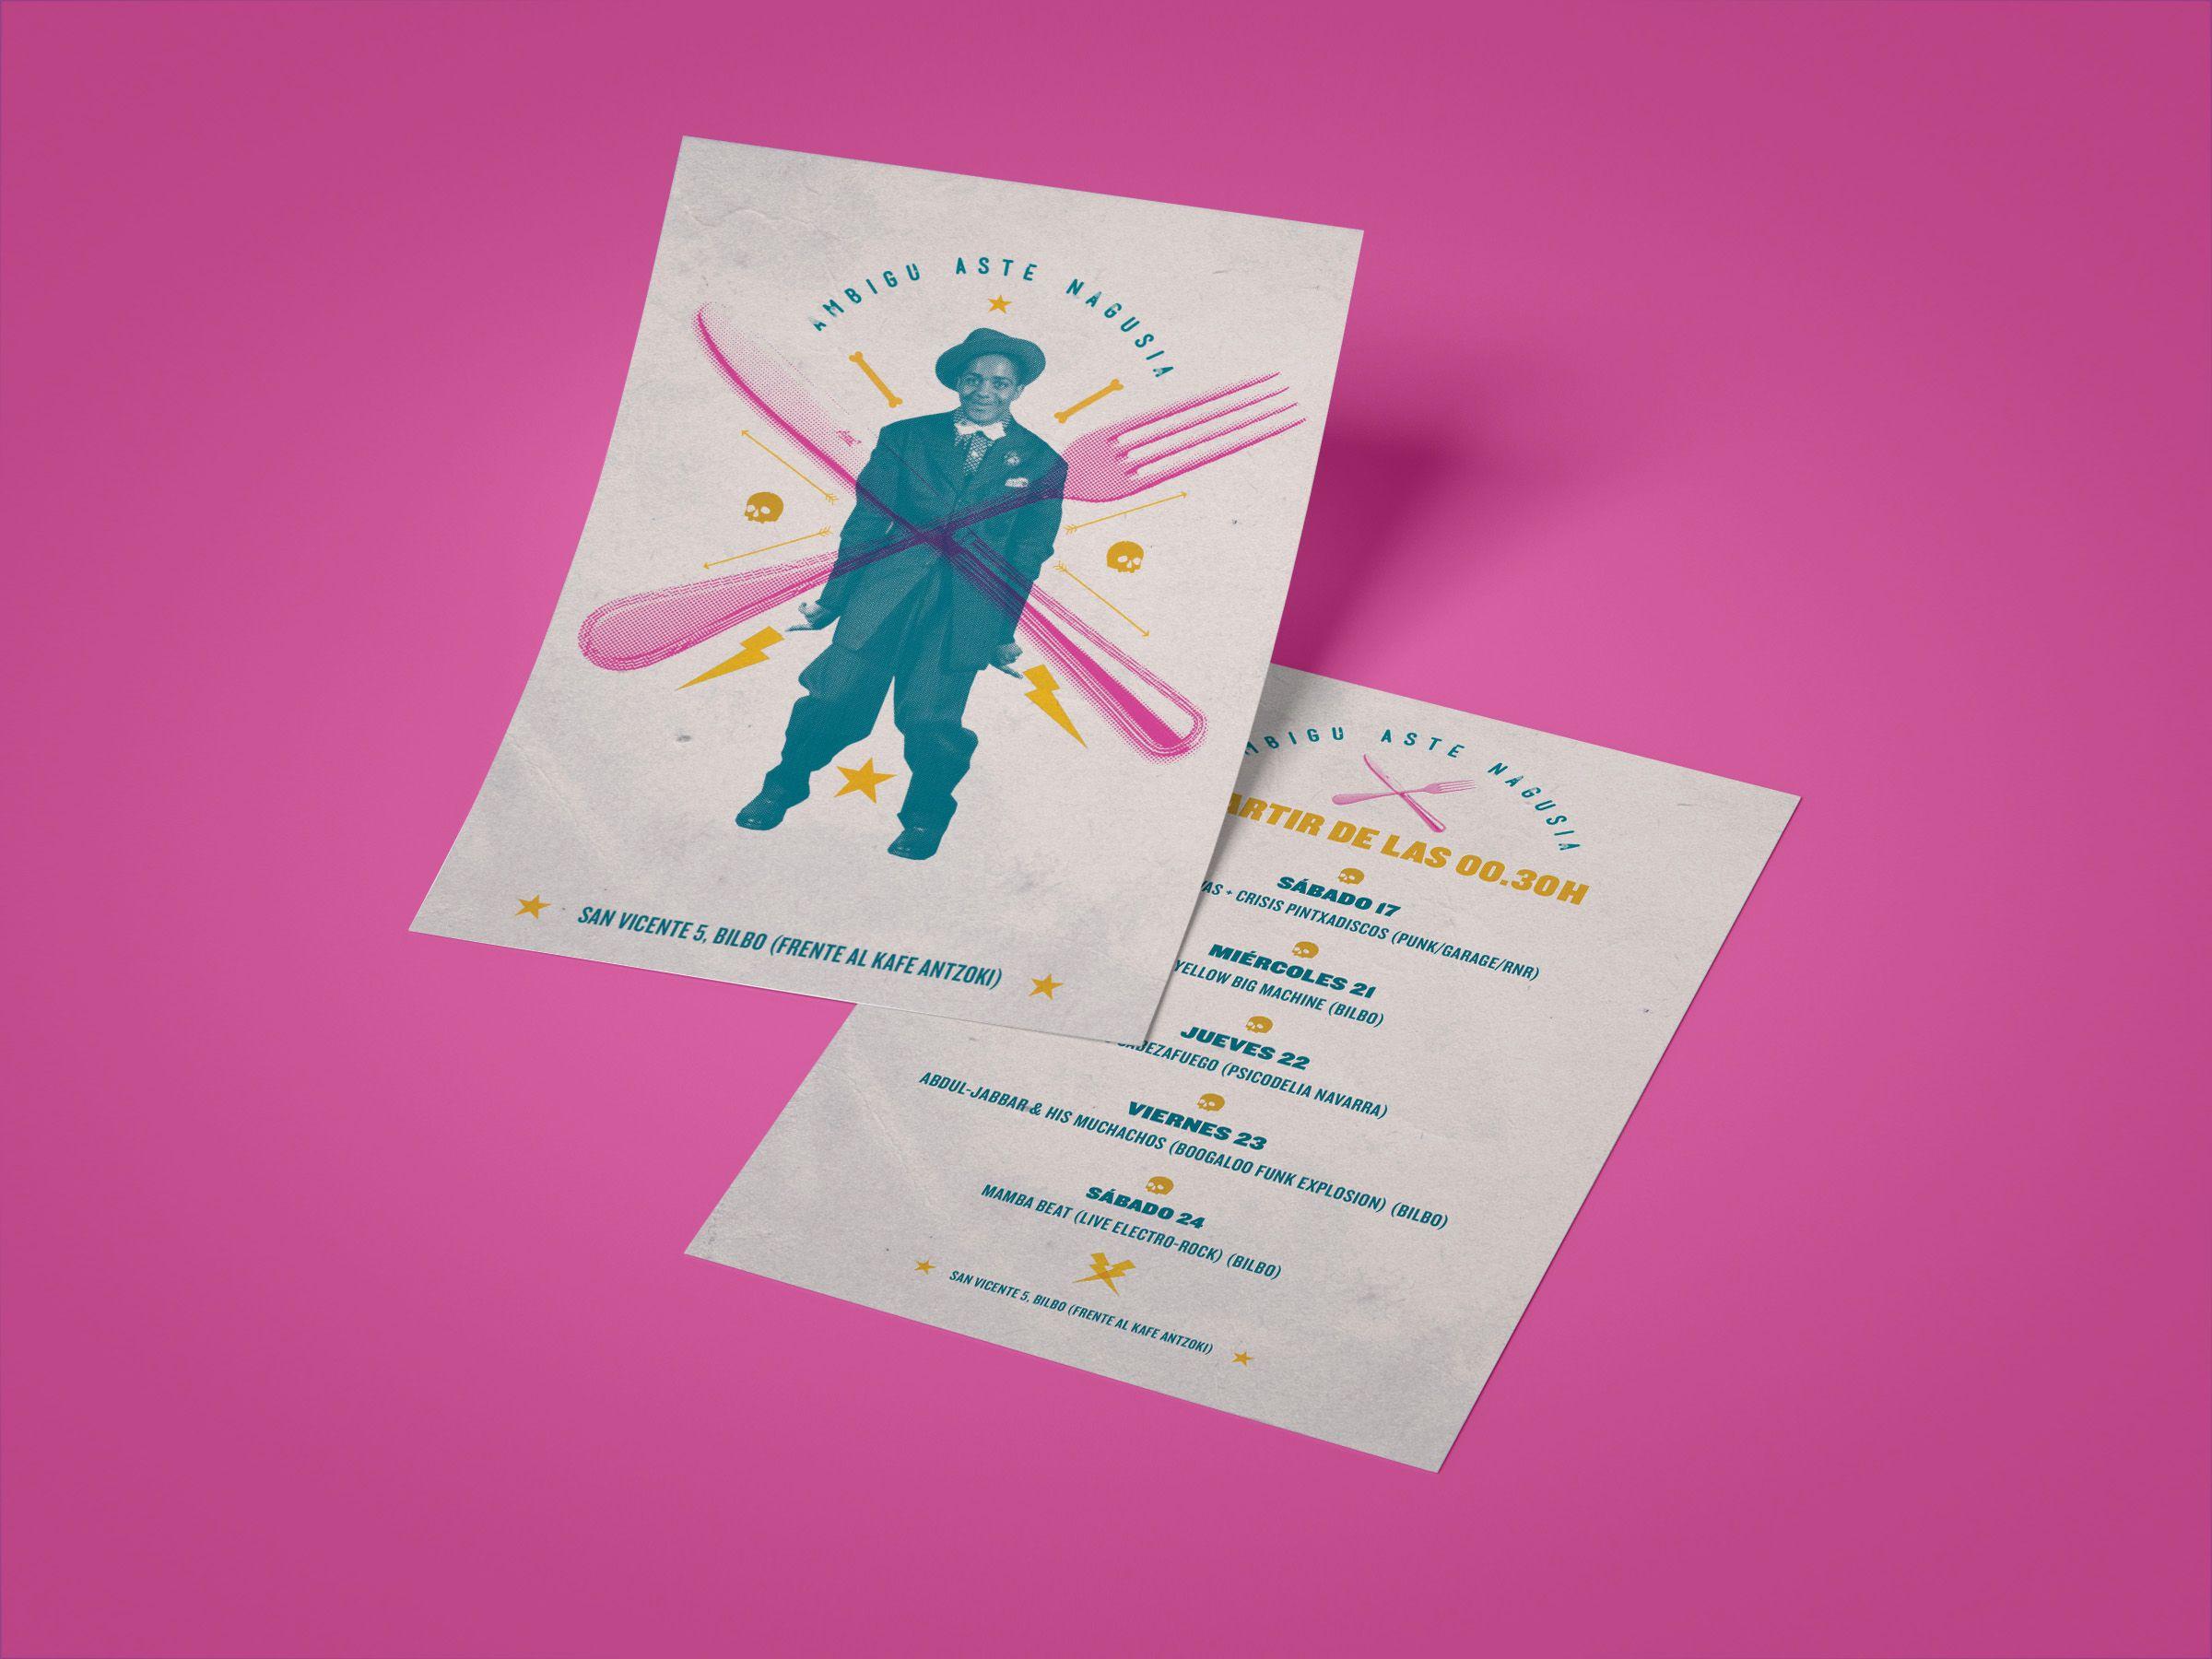 diseño flyer cartel ambigu